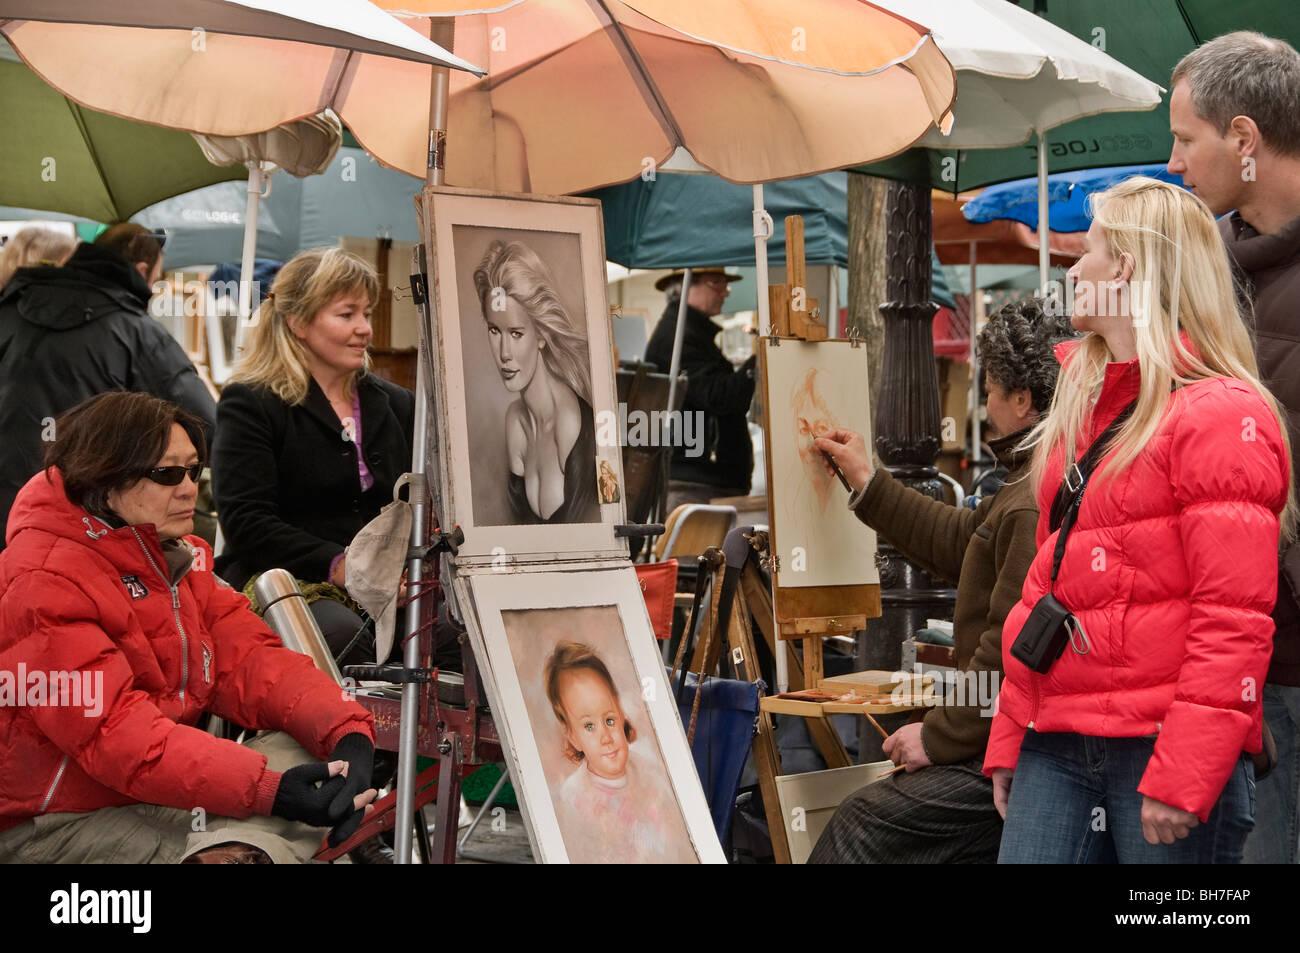 Artists in Place du Tertre Paris France - Stock Image